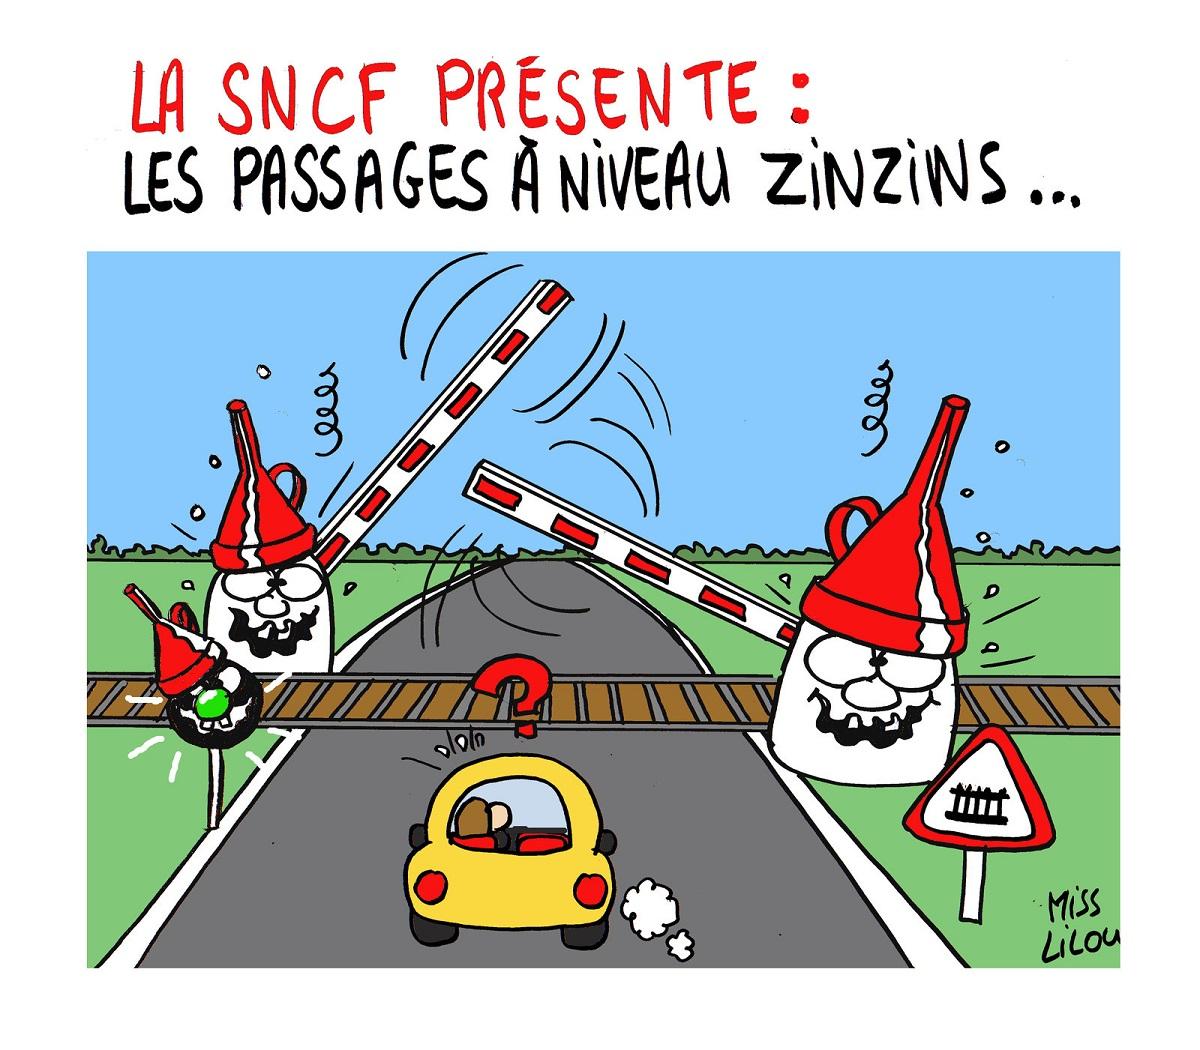 dessin humoristique d'un passage à niveau SNCF complètement zinzin